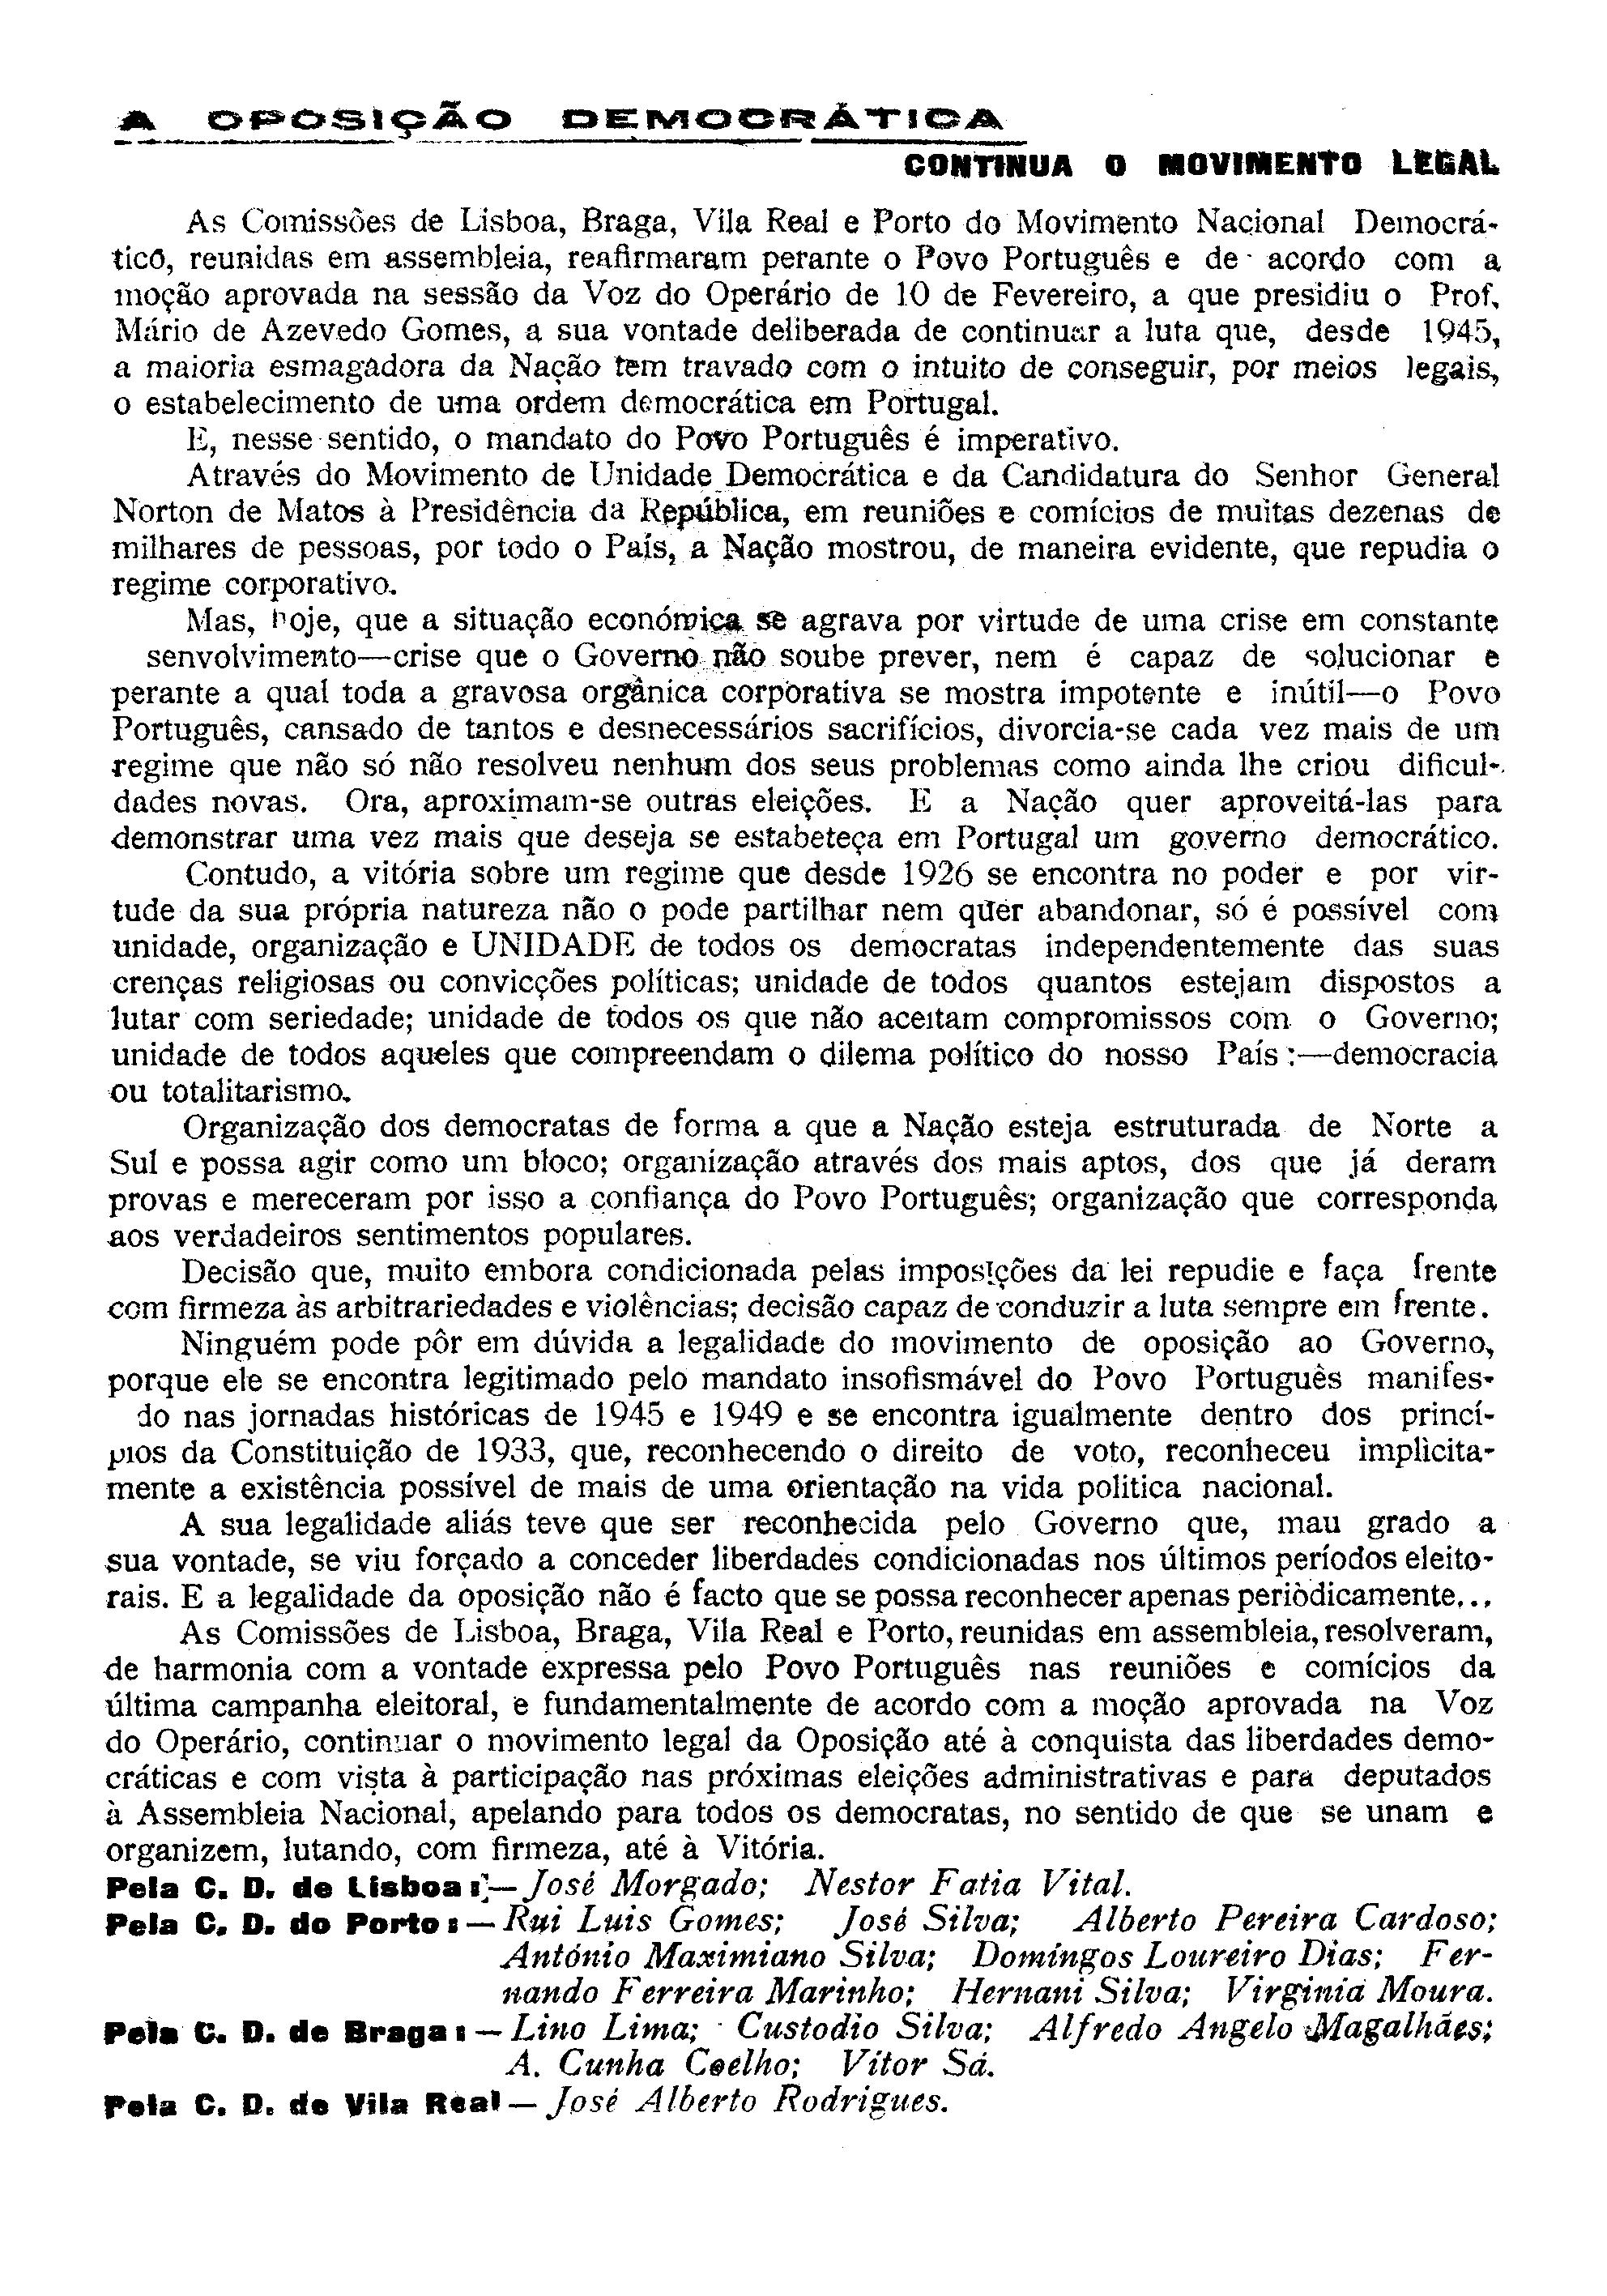 02581.001.011- pag.1